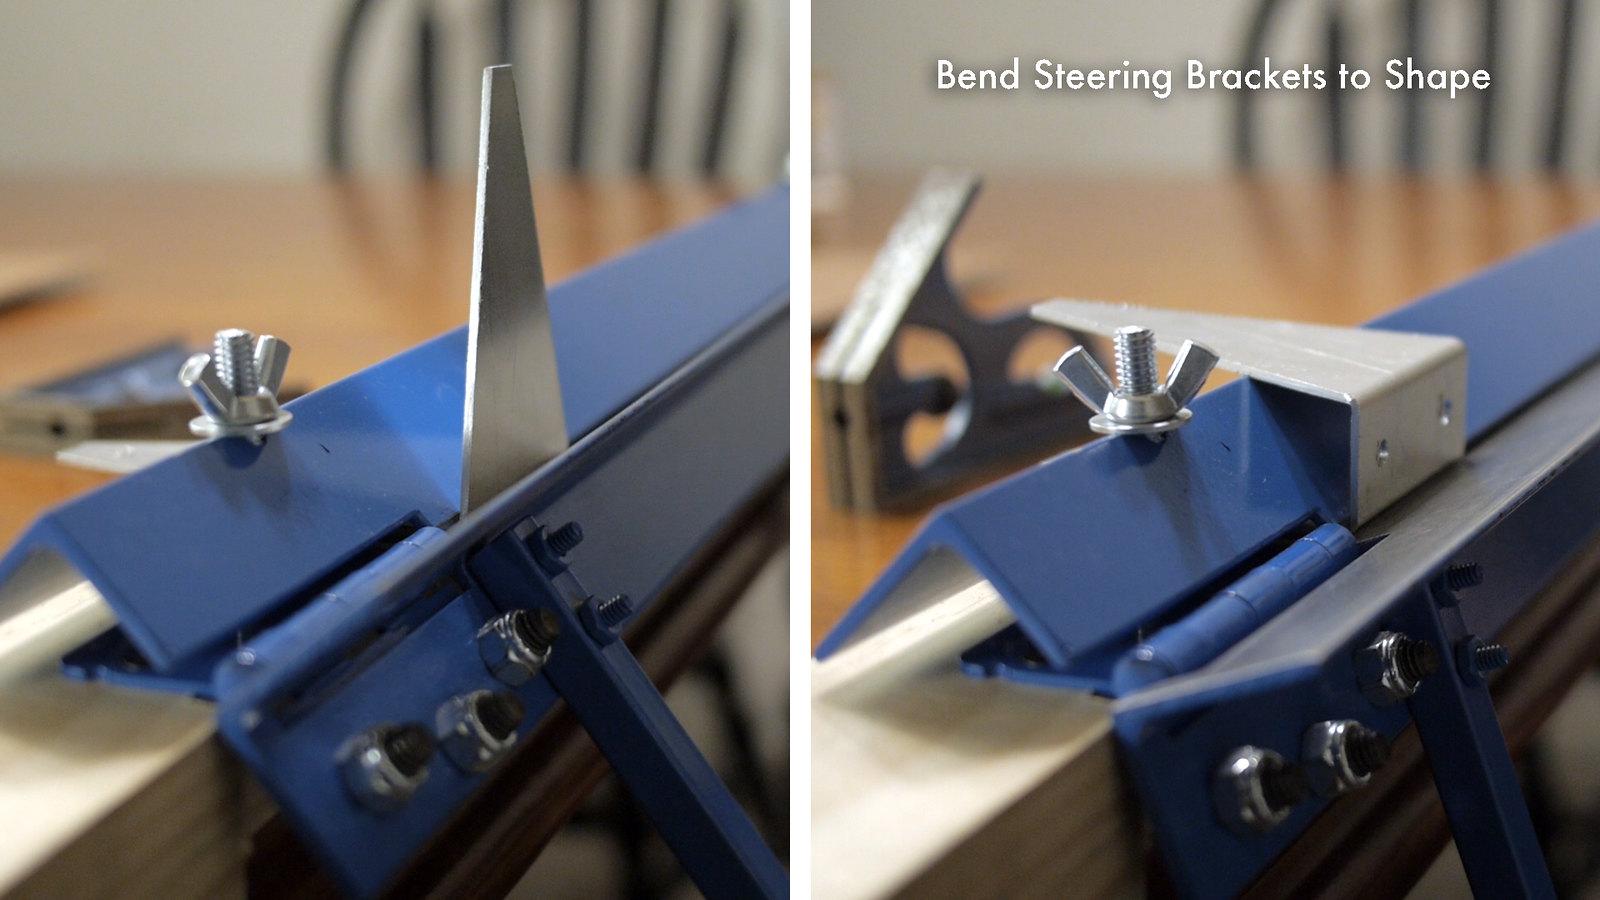 Bend Steering Brackets